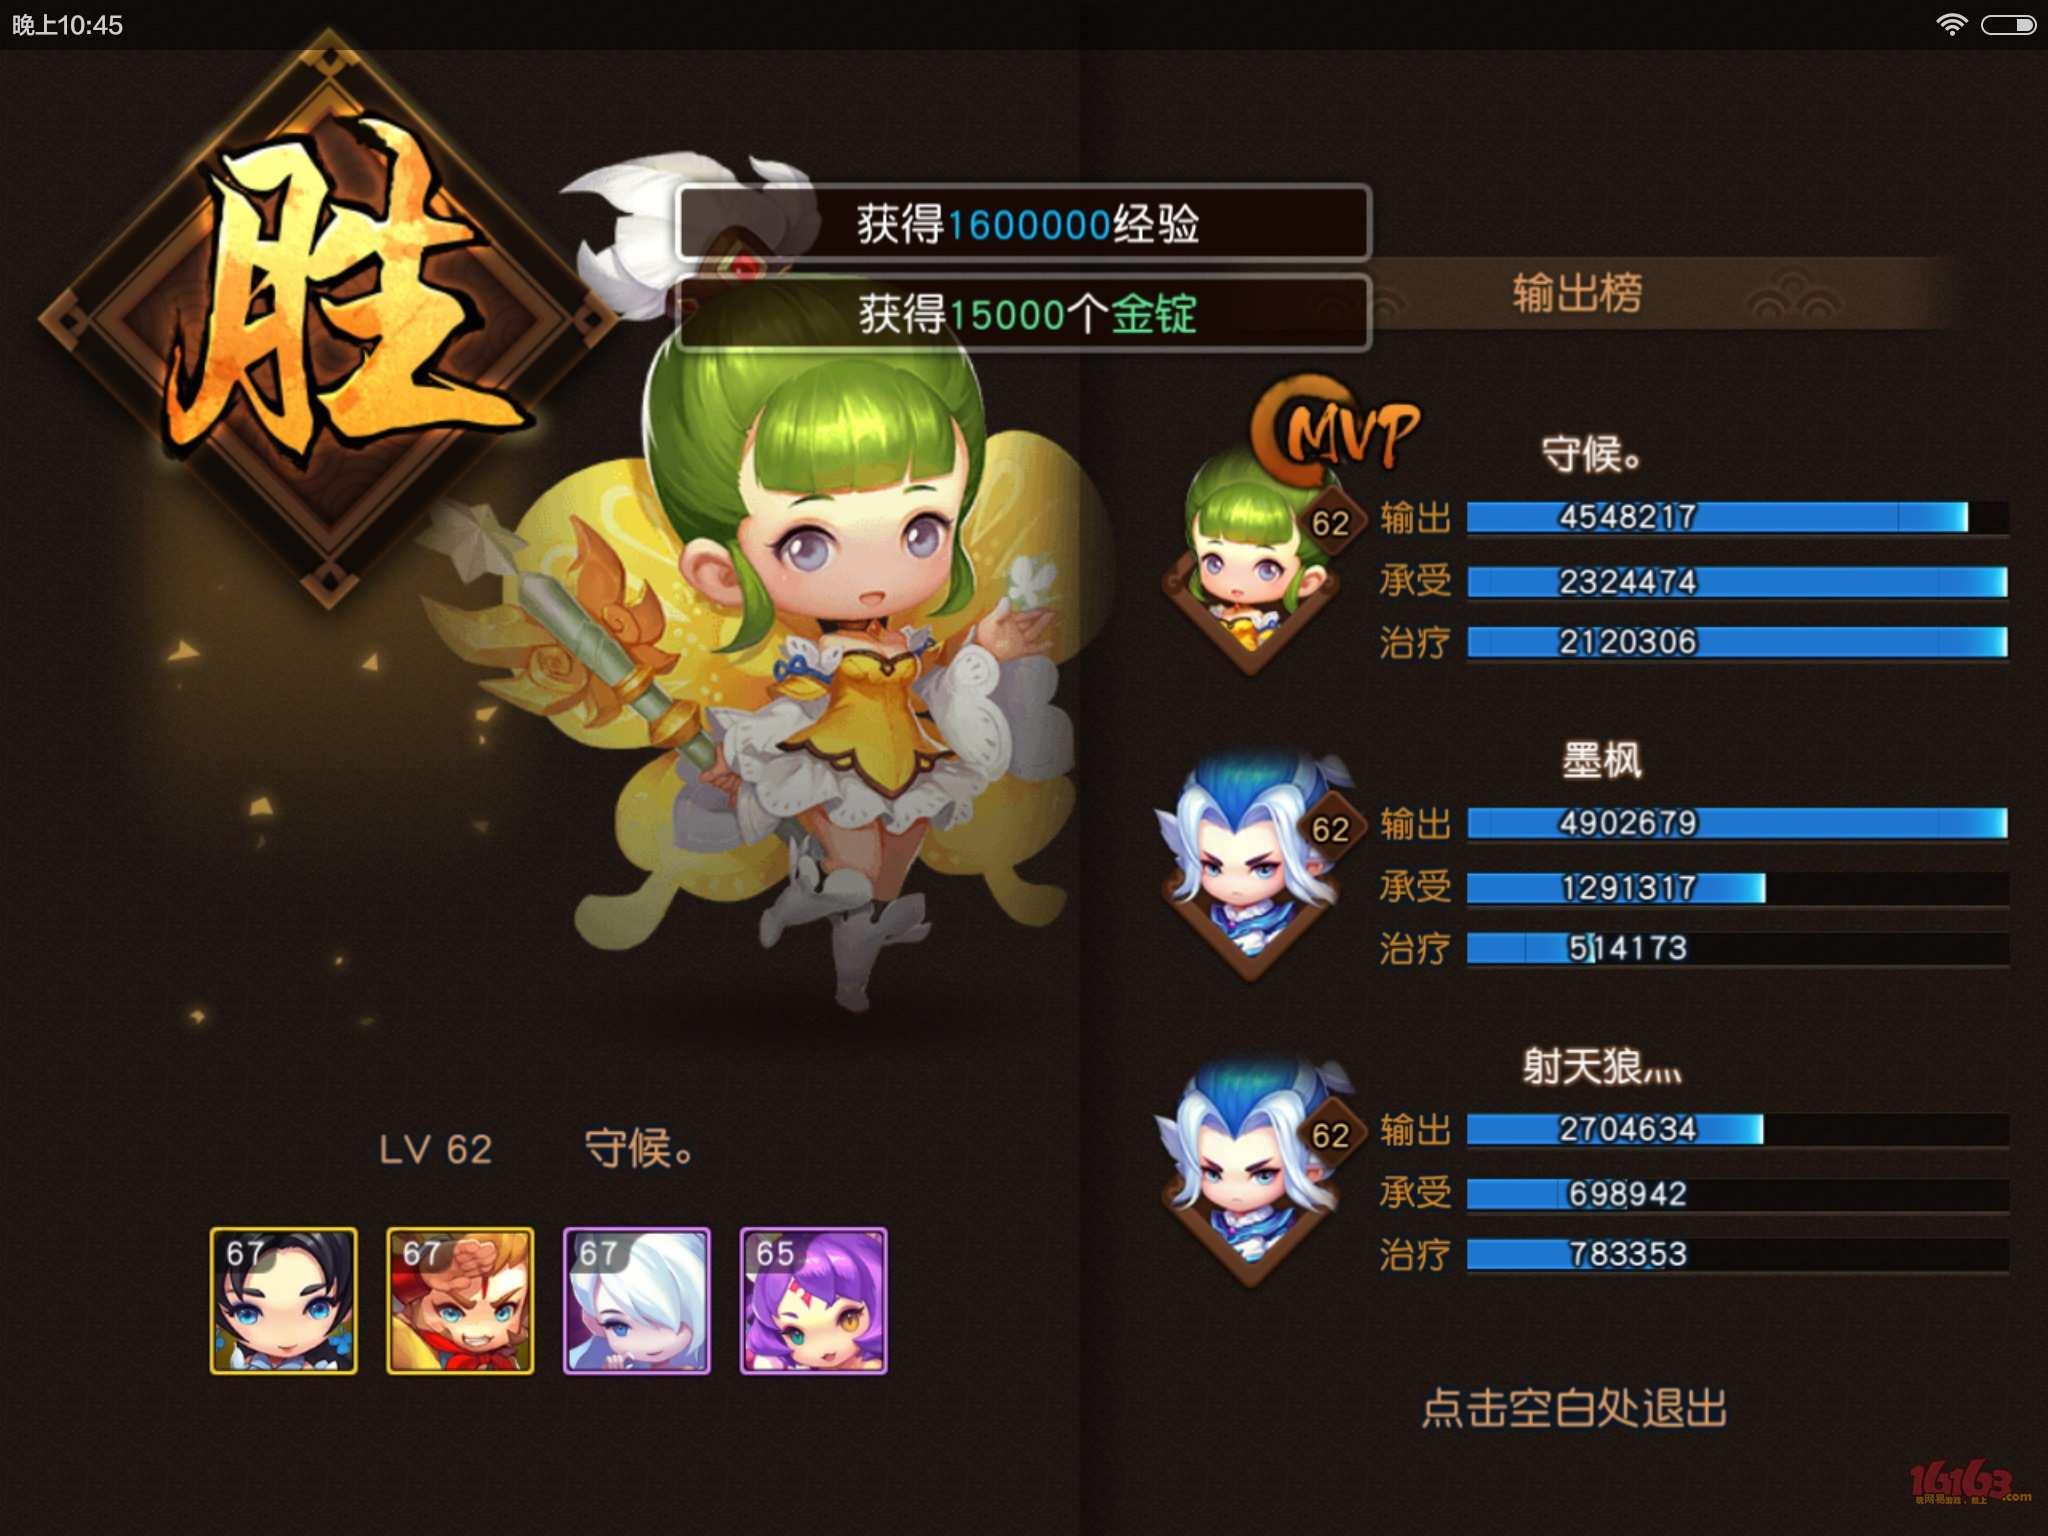 Screenshot_2016-07-01-22-45-50_com.netease.mhws.jpg